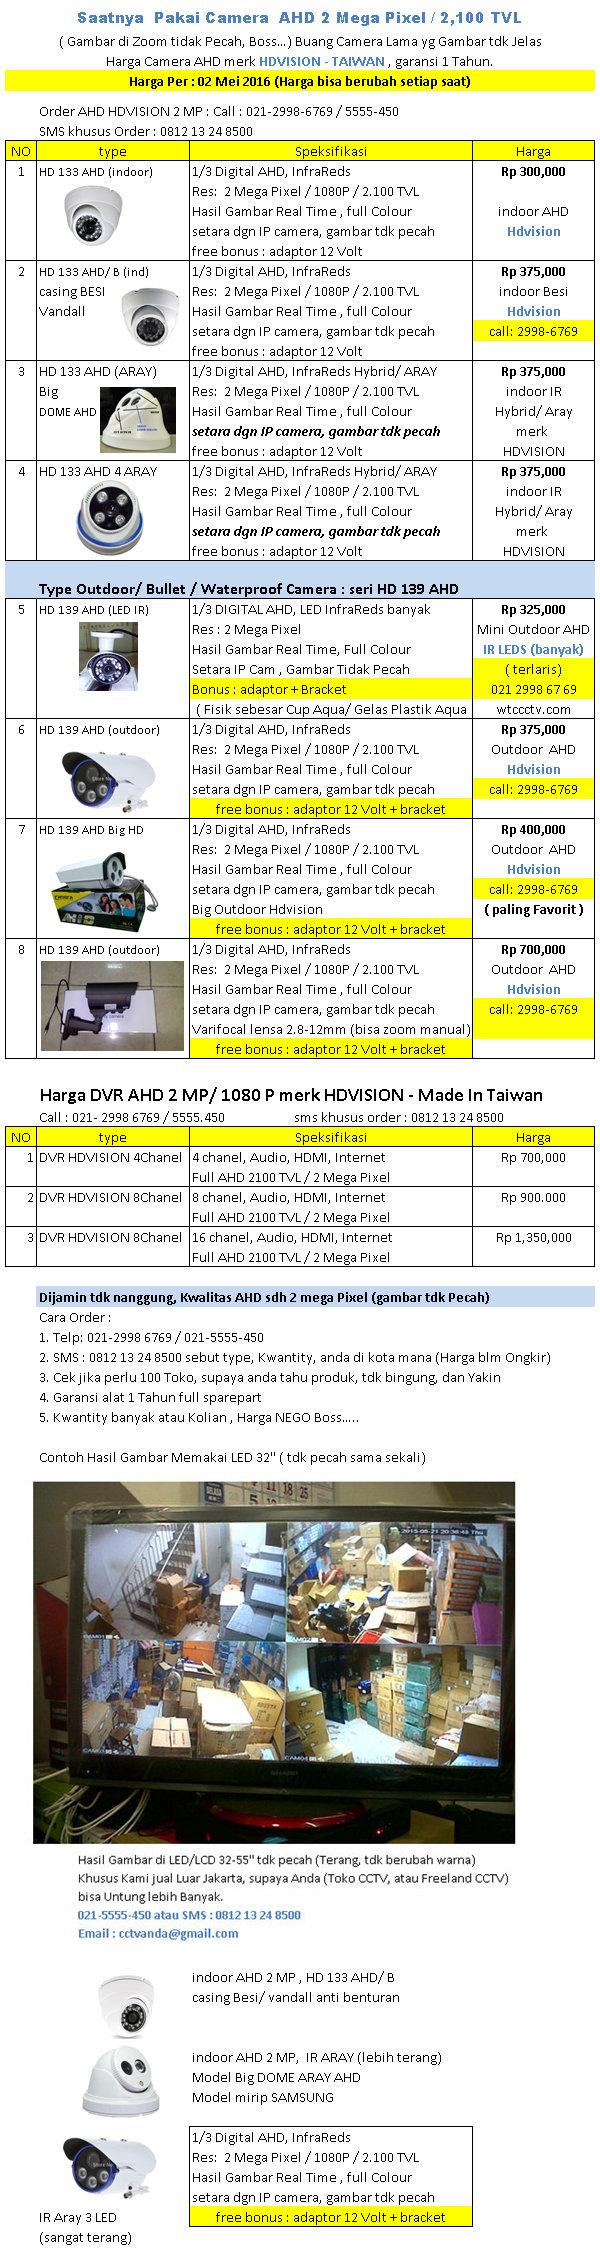 Harga AHD 2 MegaPixel merk HDVision per 02 Mei 2016 WTC CCTV